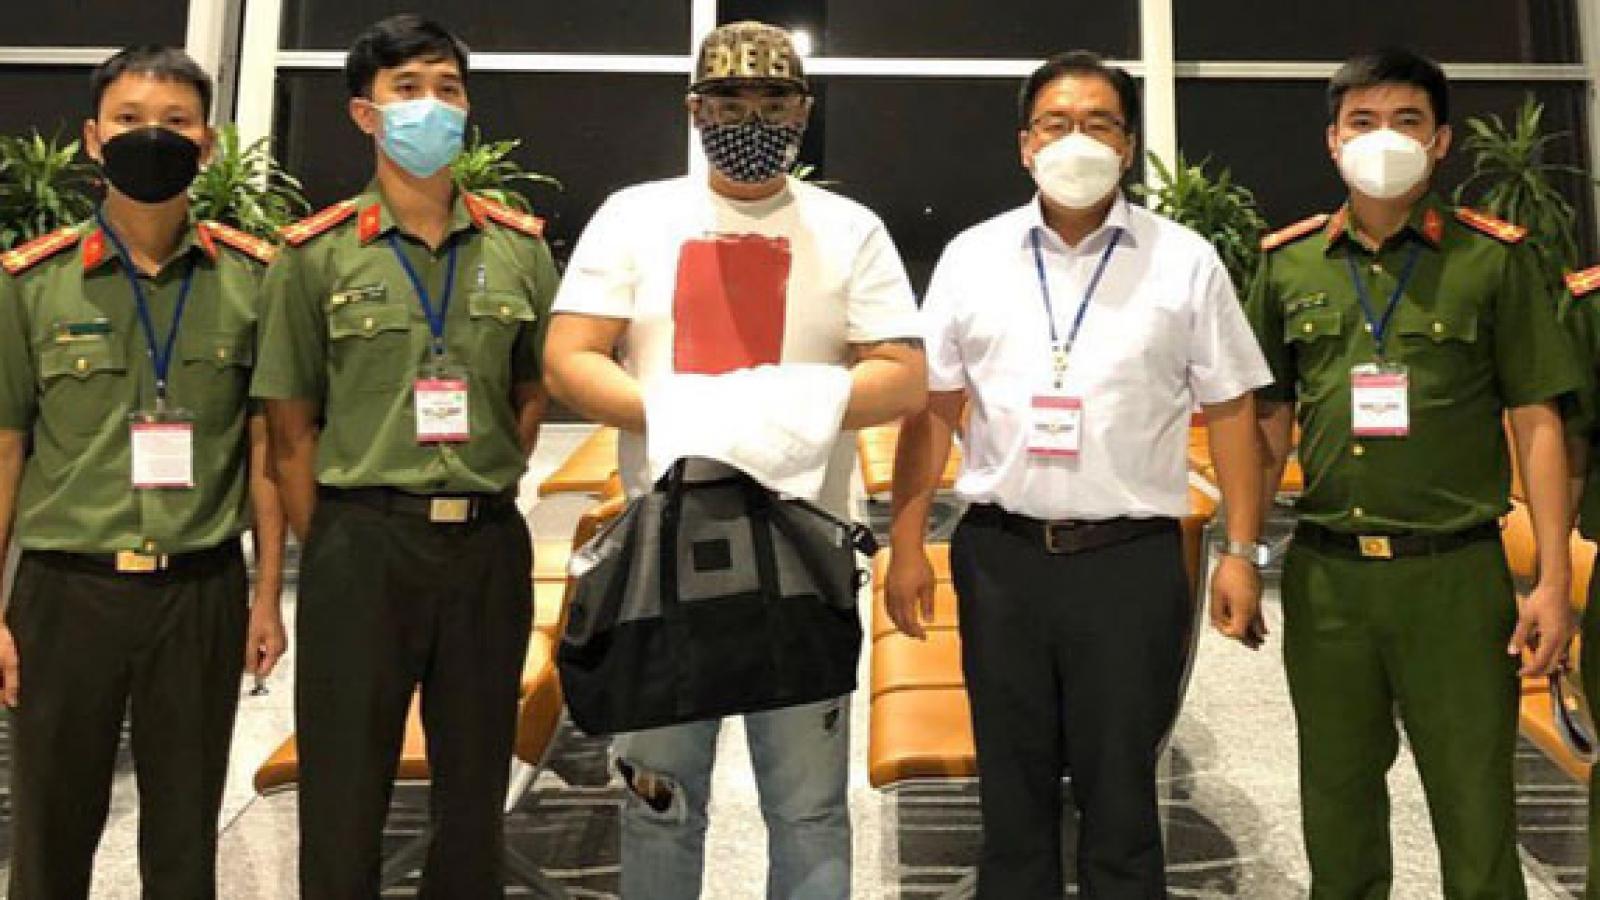 Nóng 24h: Bàn giao trùm đường dây cá độ thể thao cho cảnh sát Hàn Quốc